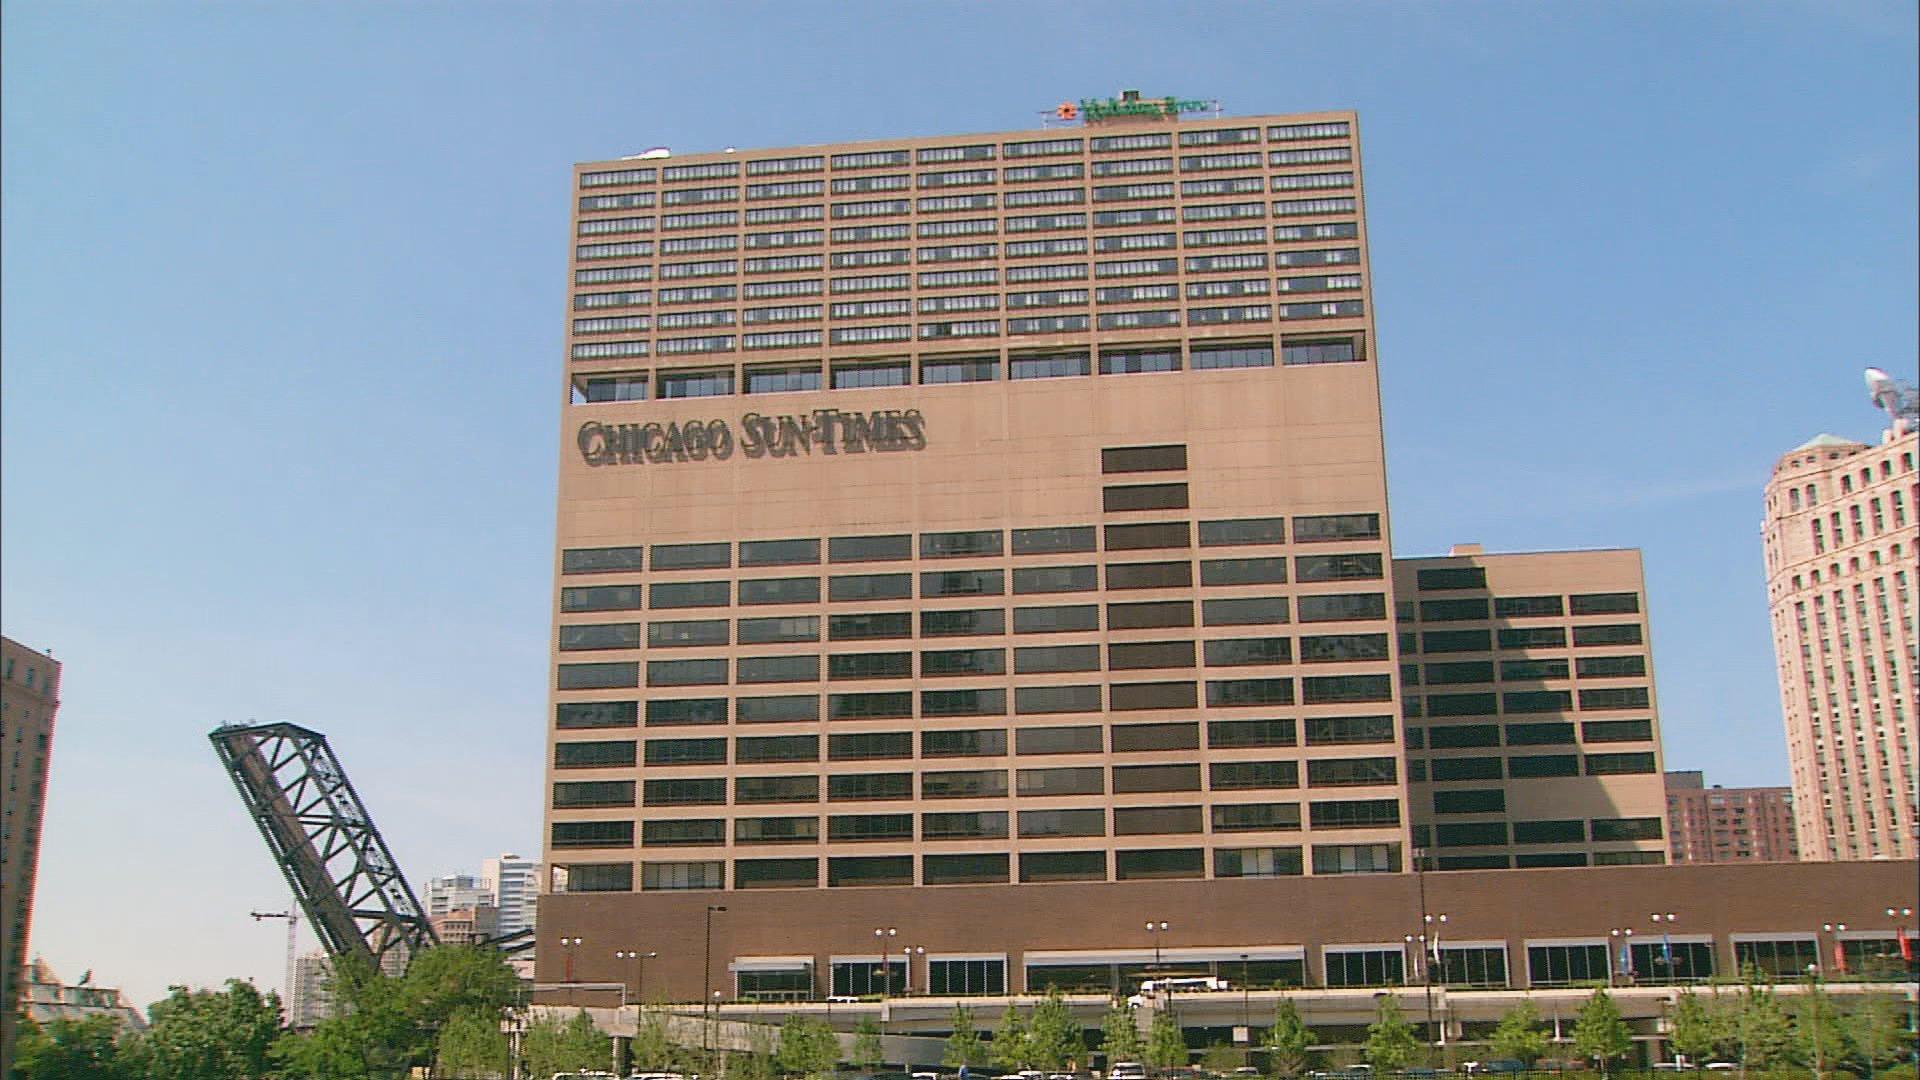 Bluhm casino chicago